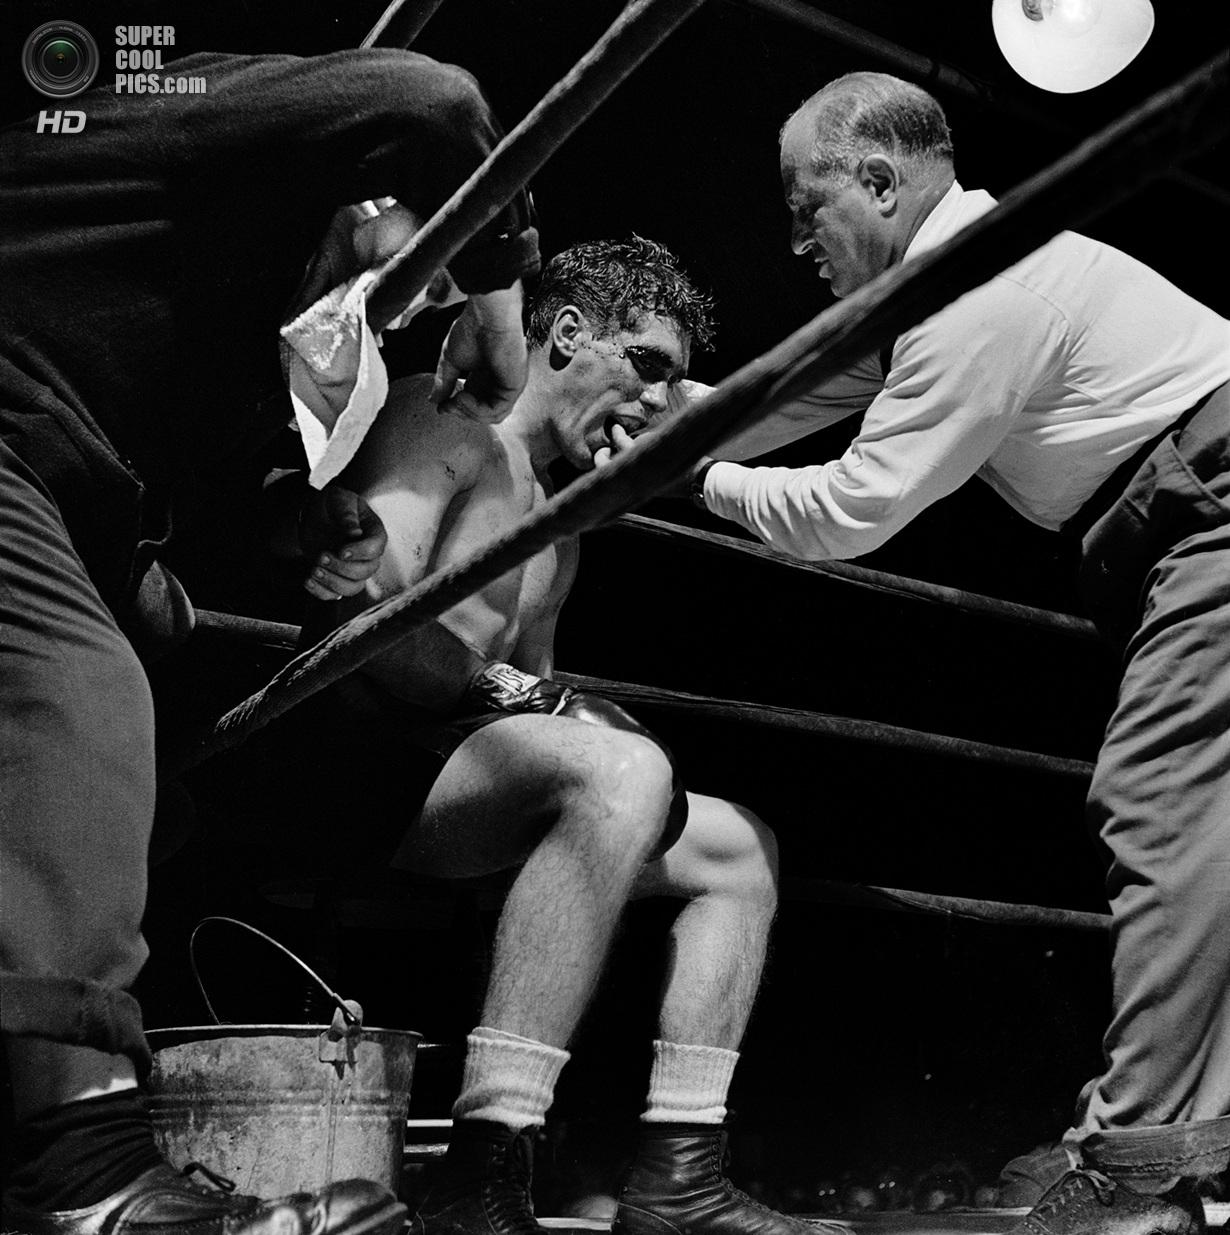 США. Нью-Йорк. 1948 год. Боксер Уолтер Картье получает указания от секундантов. Этот бой стал ос